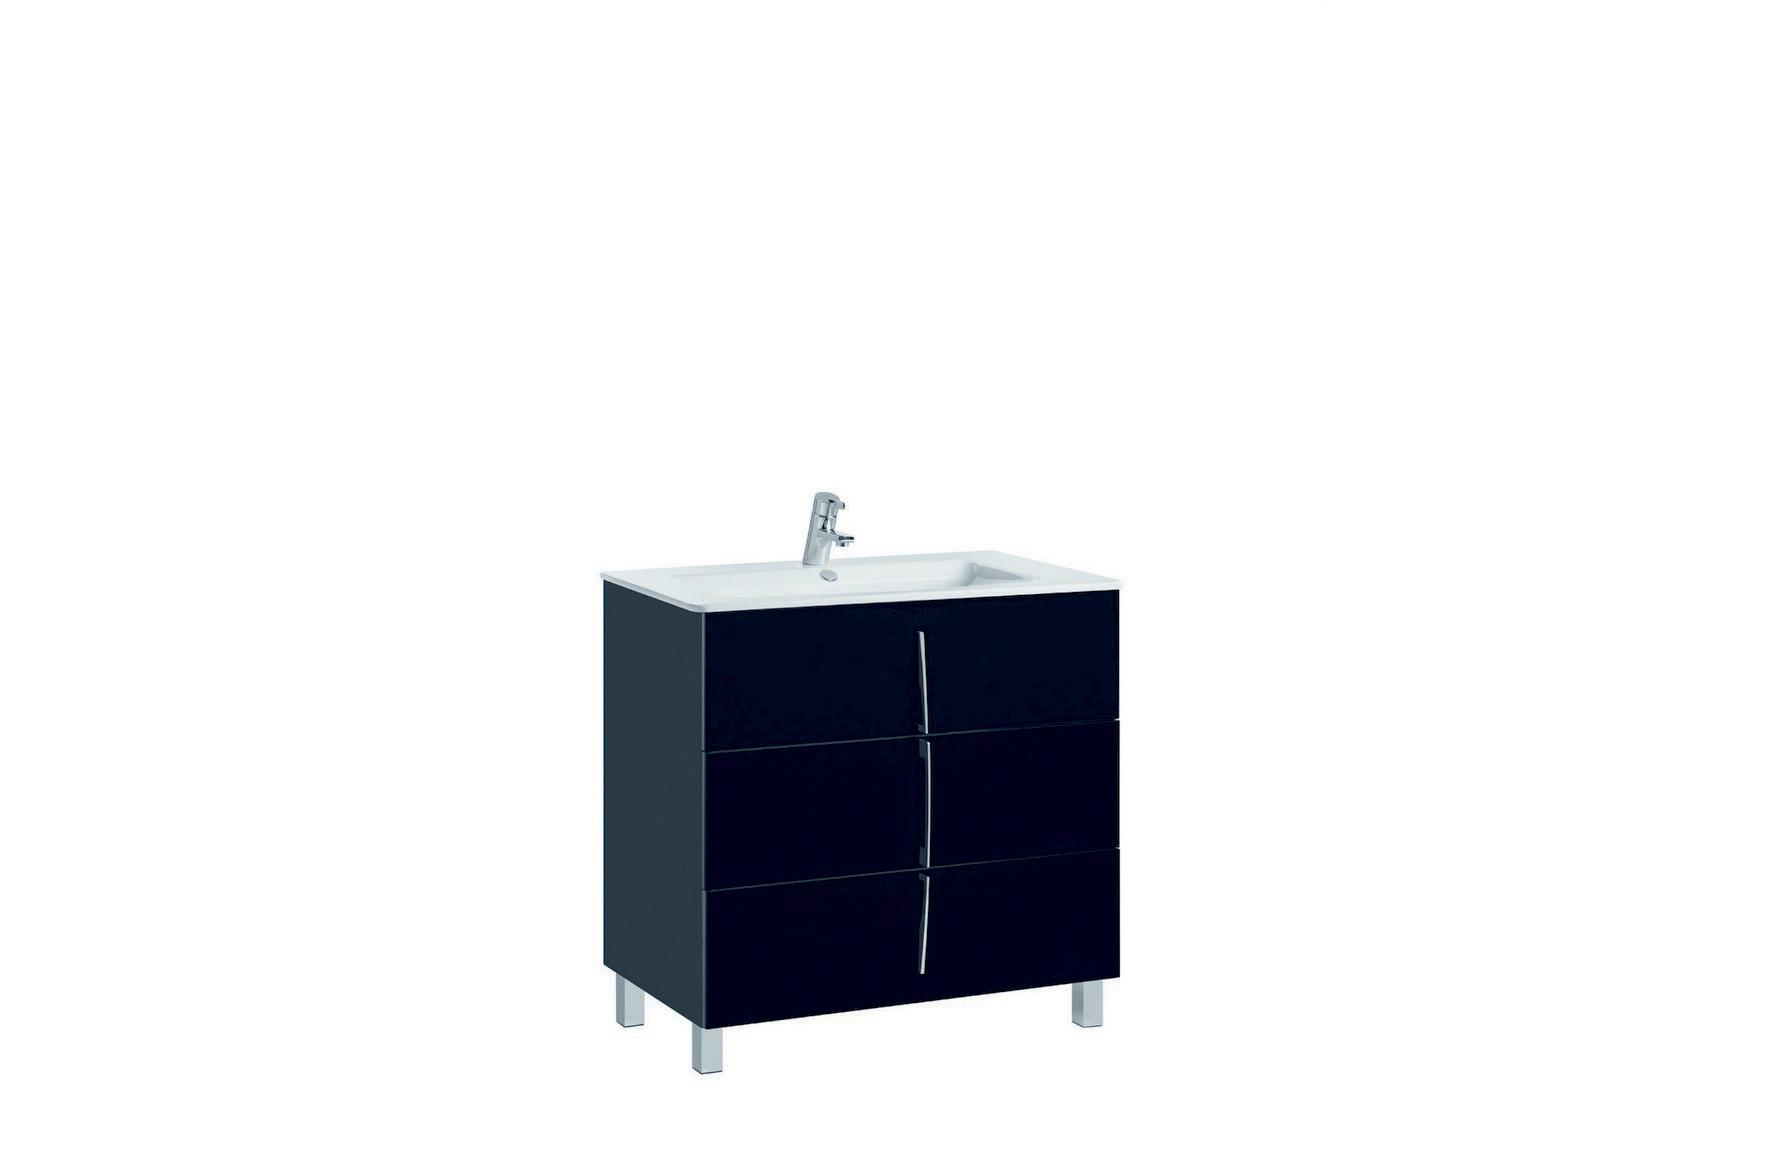 Mobilier negru 80 cm CUARZO 3C cu lavoar Emma GALA - Poza 9